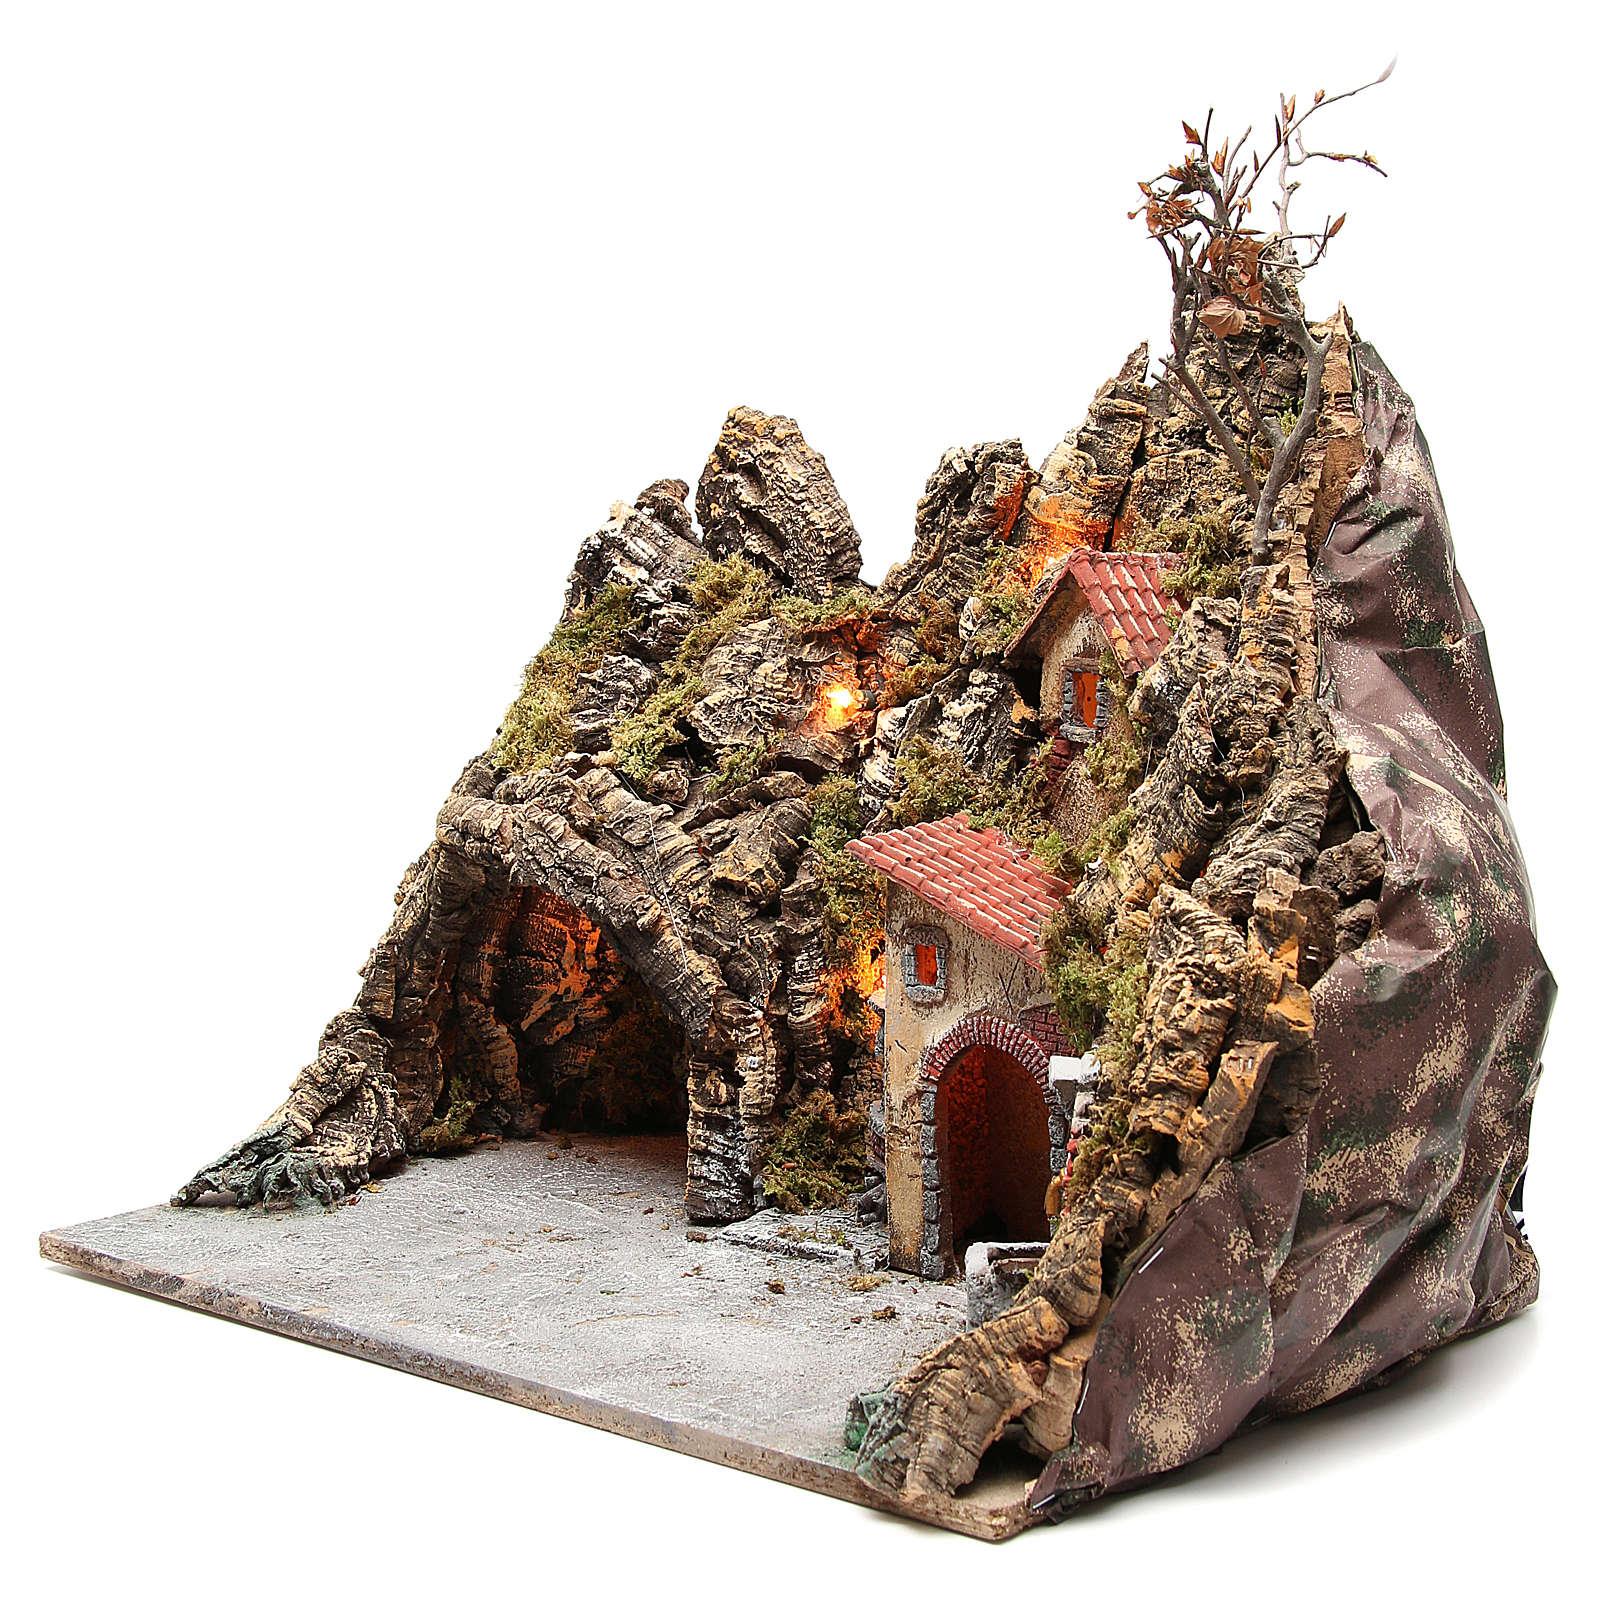 Borgo con grotta fontana forno presepe Napoli 30x50x40 cm 4